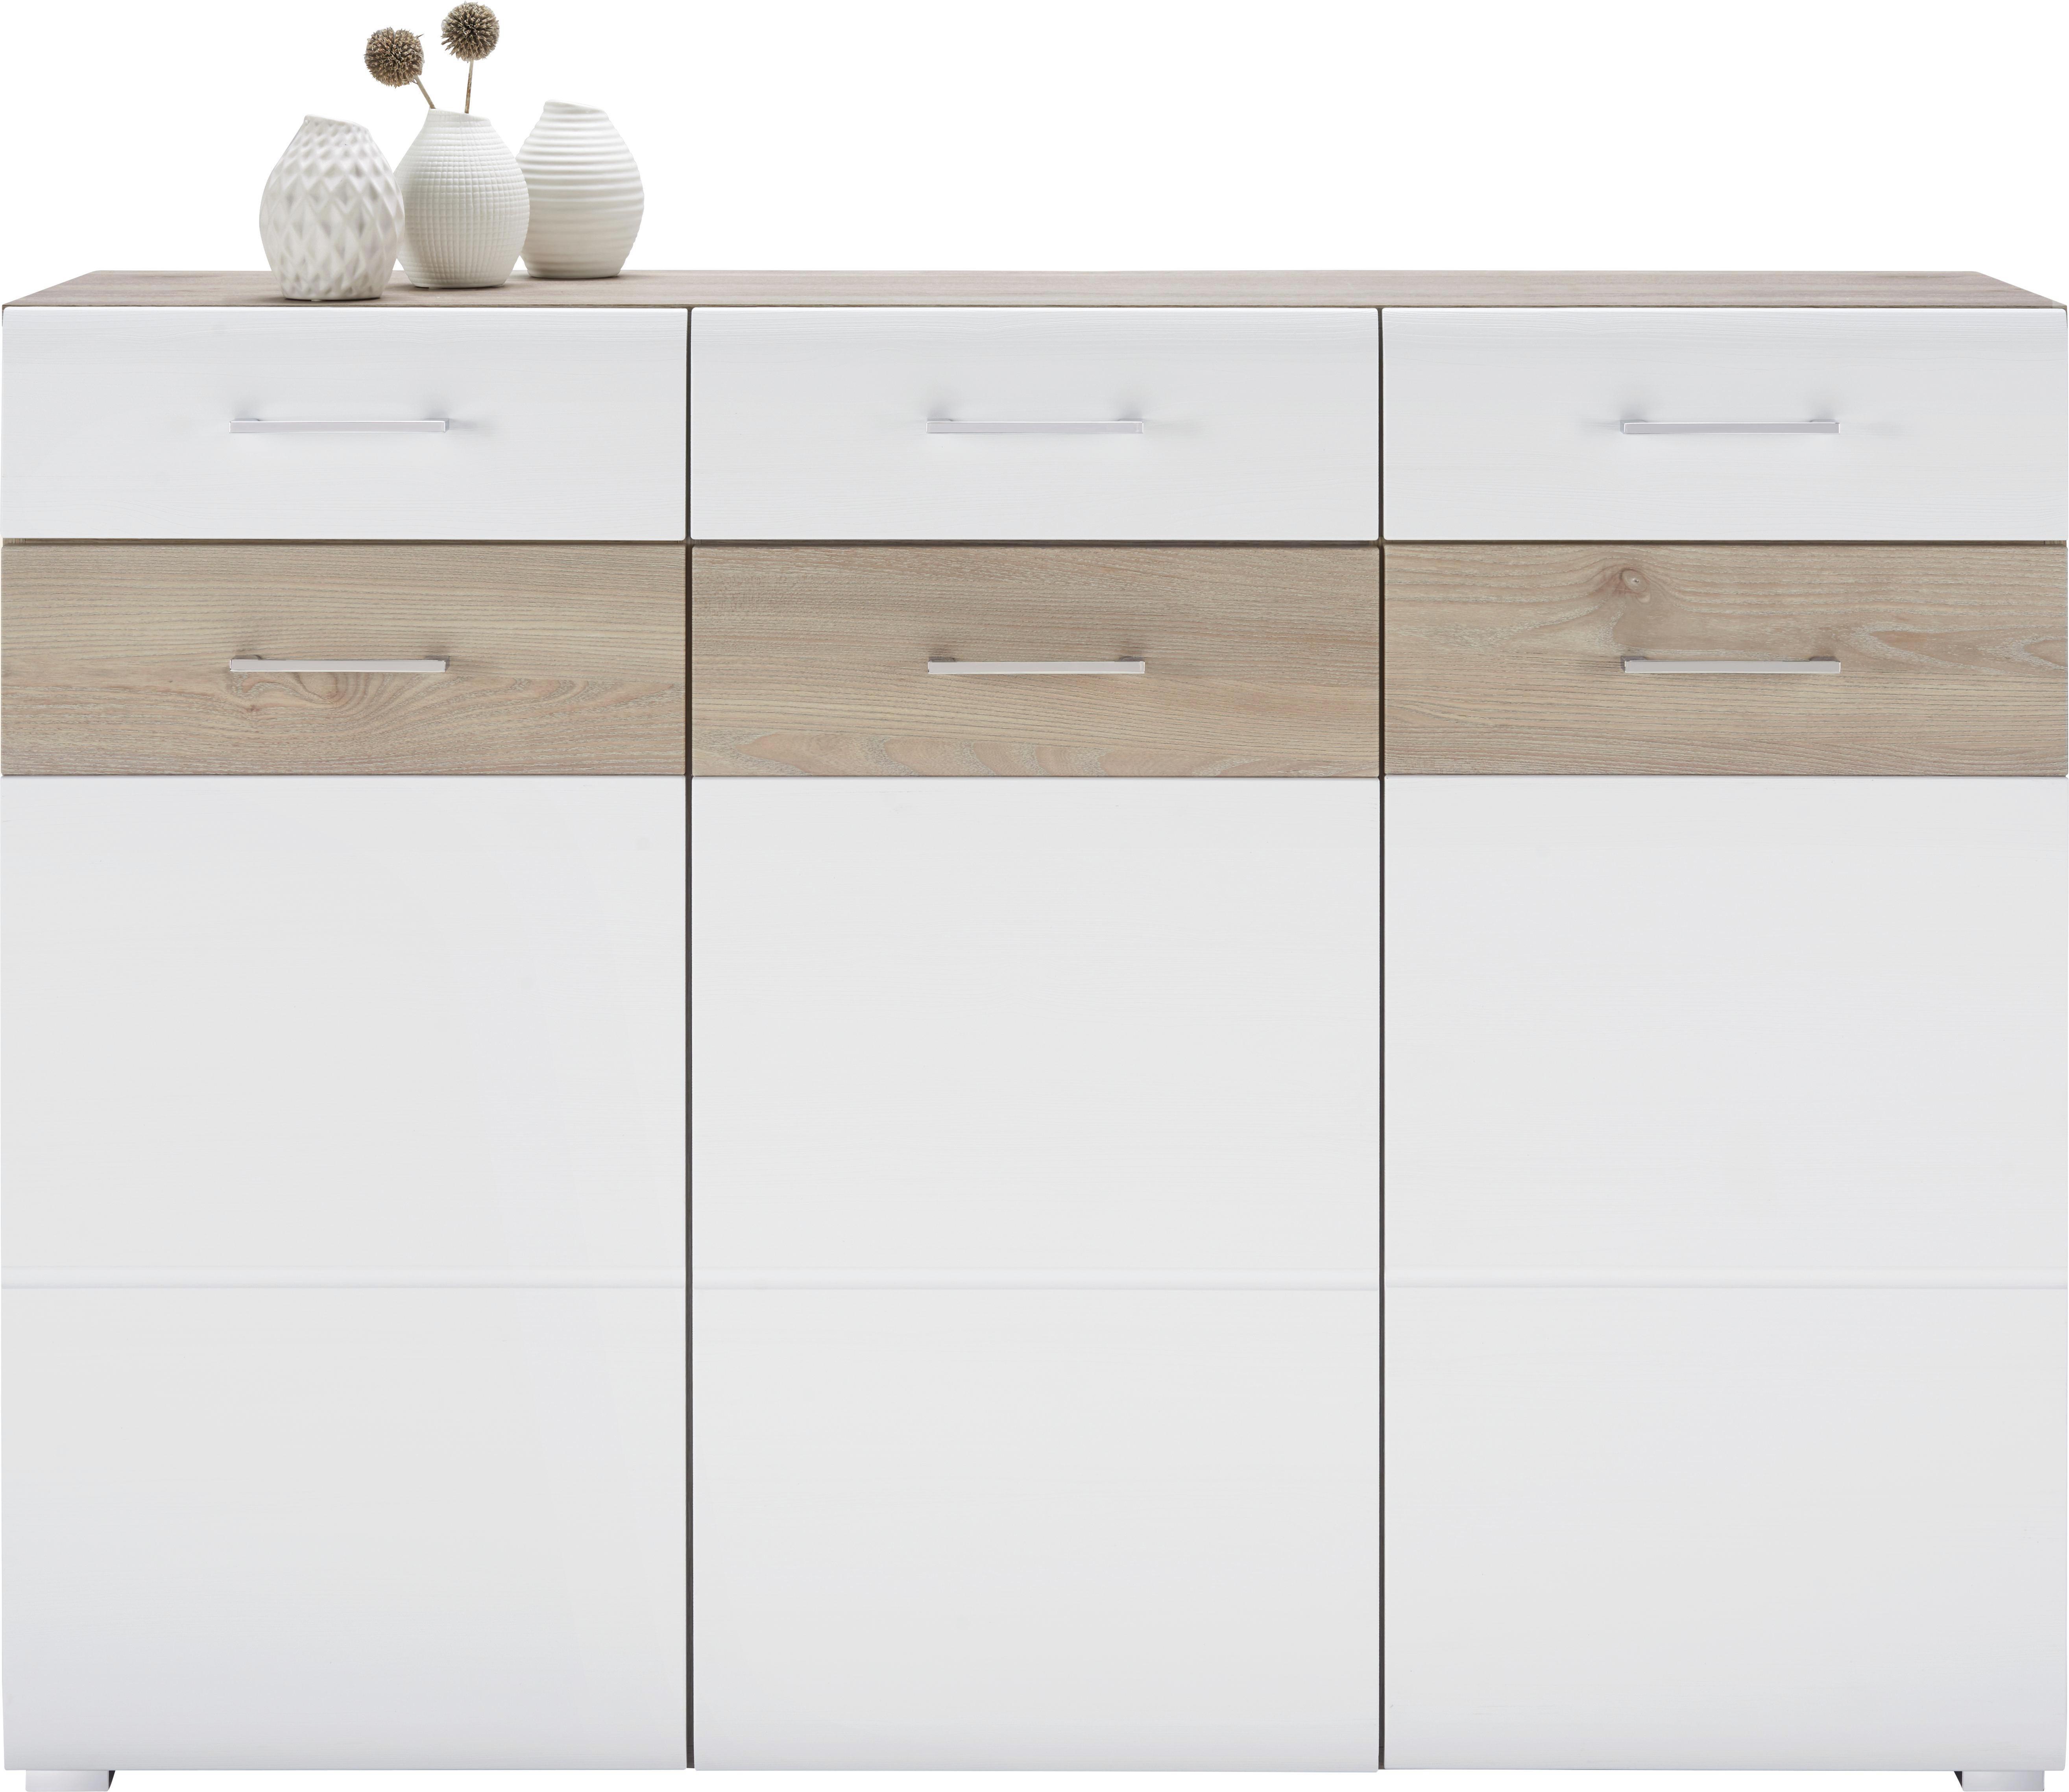 Sideboard in Silbereiche/Weiß - Chromfarben/Silberfarben, MODERN, Holzwerkstoff/Metall (144/104/40cm) - MÖMAX modern living